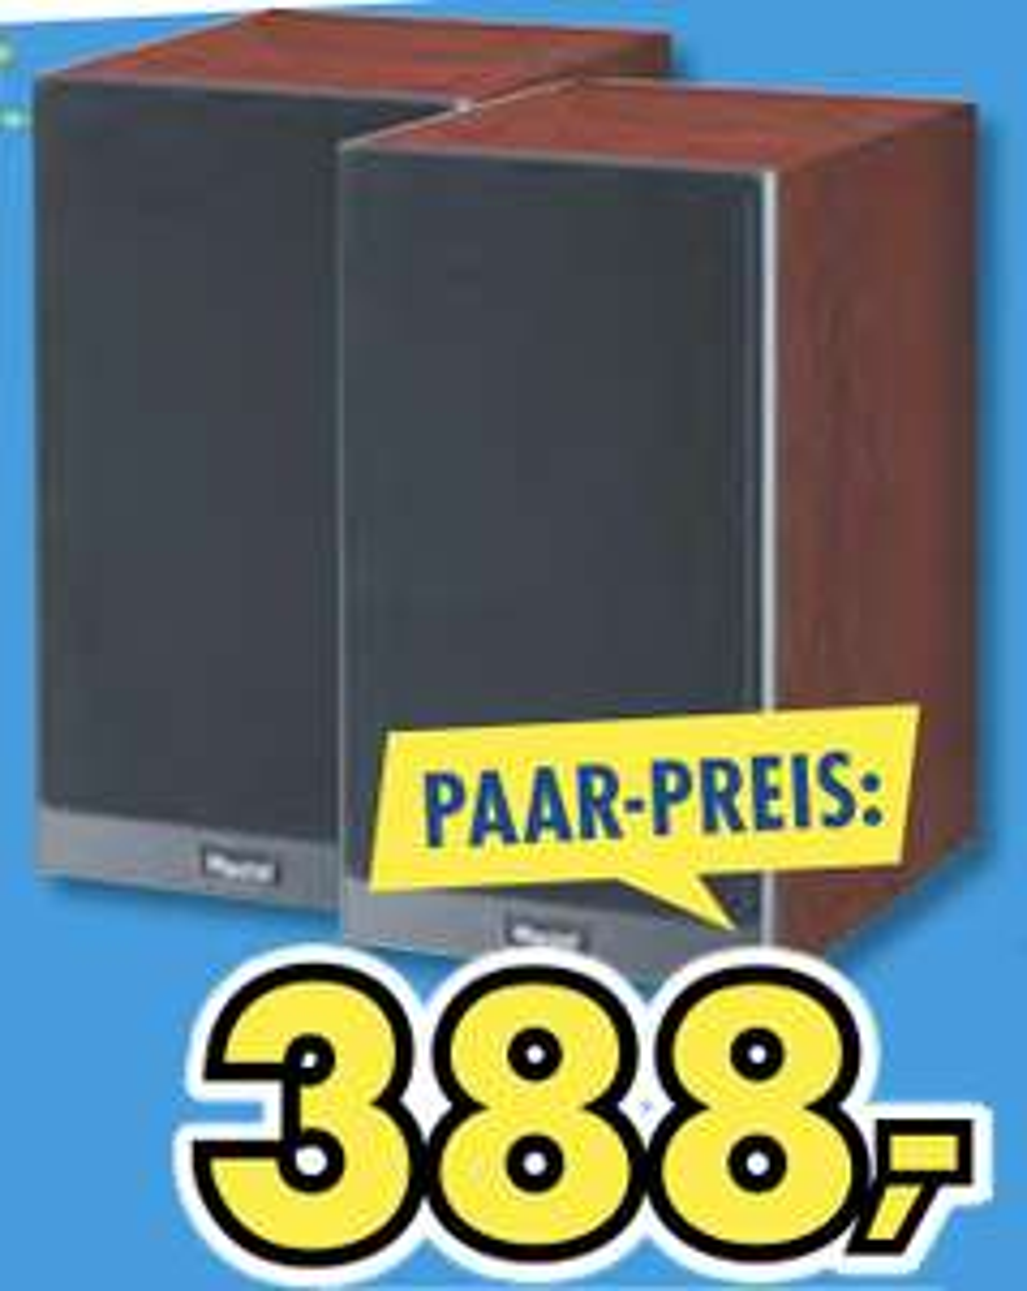 Lokal Euronics Mega Company: Magnat Signature 503 Regalboxen Mocca Paarpreis 388€